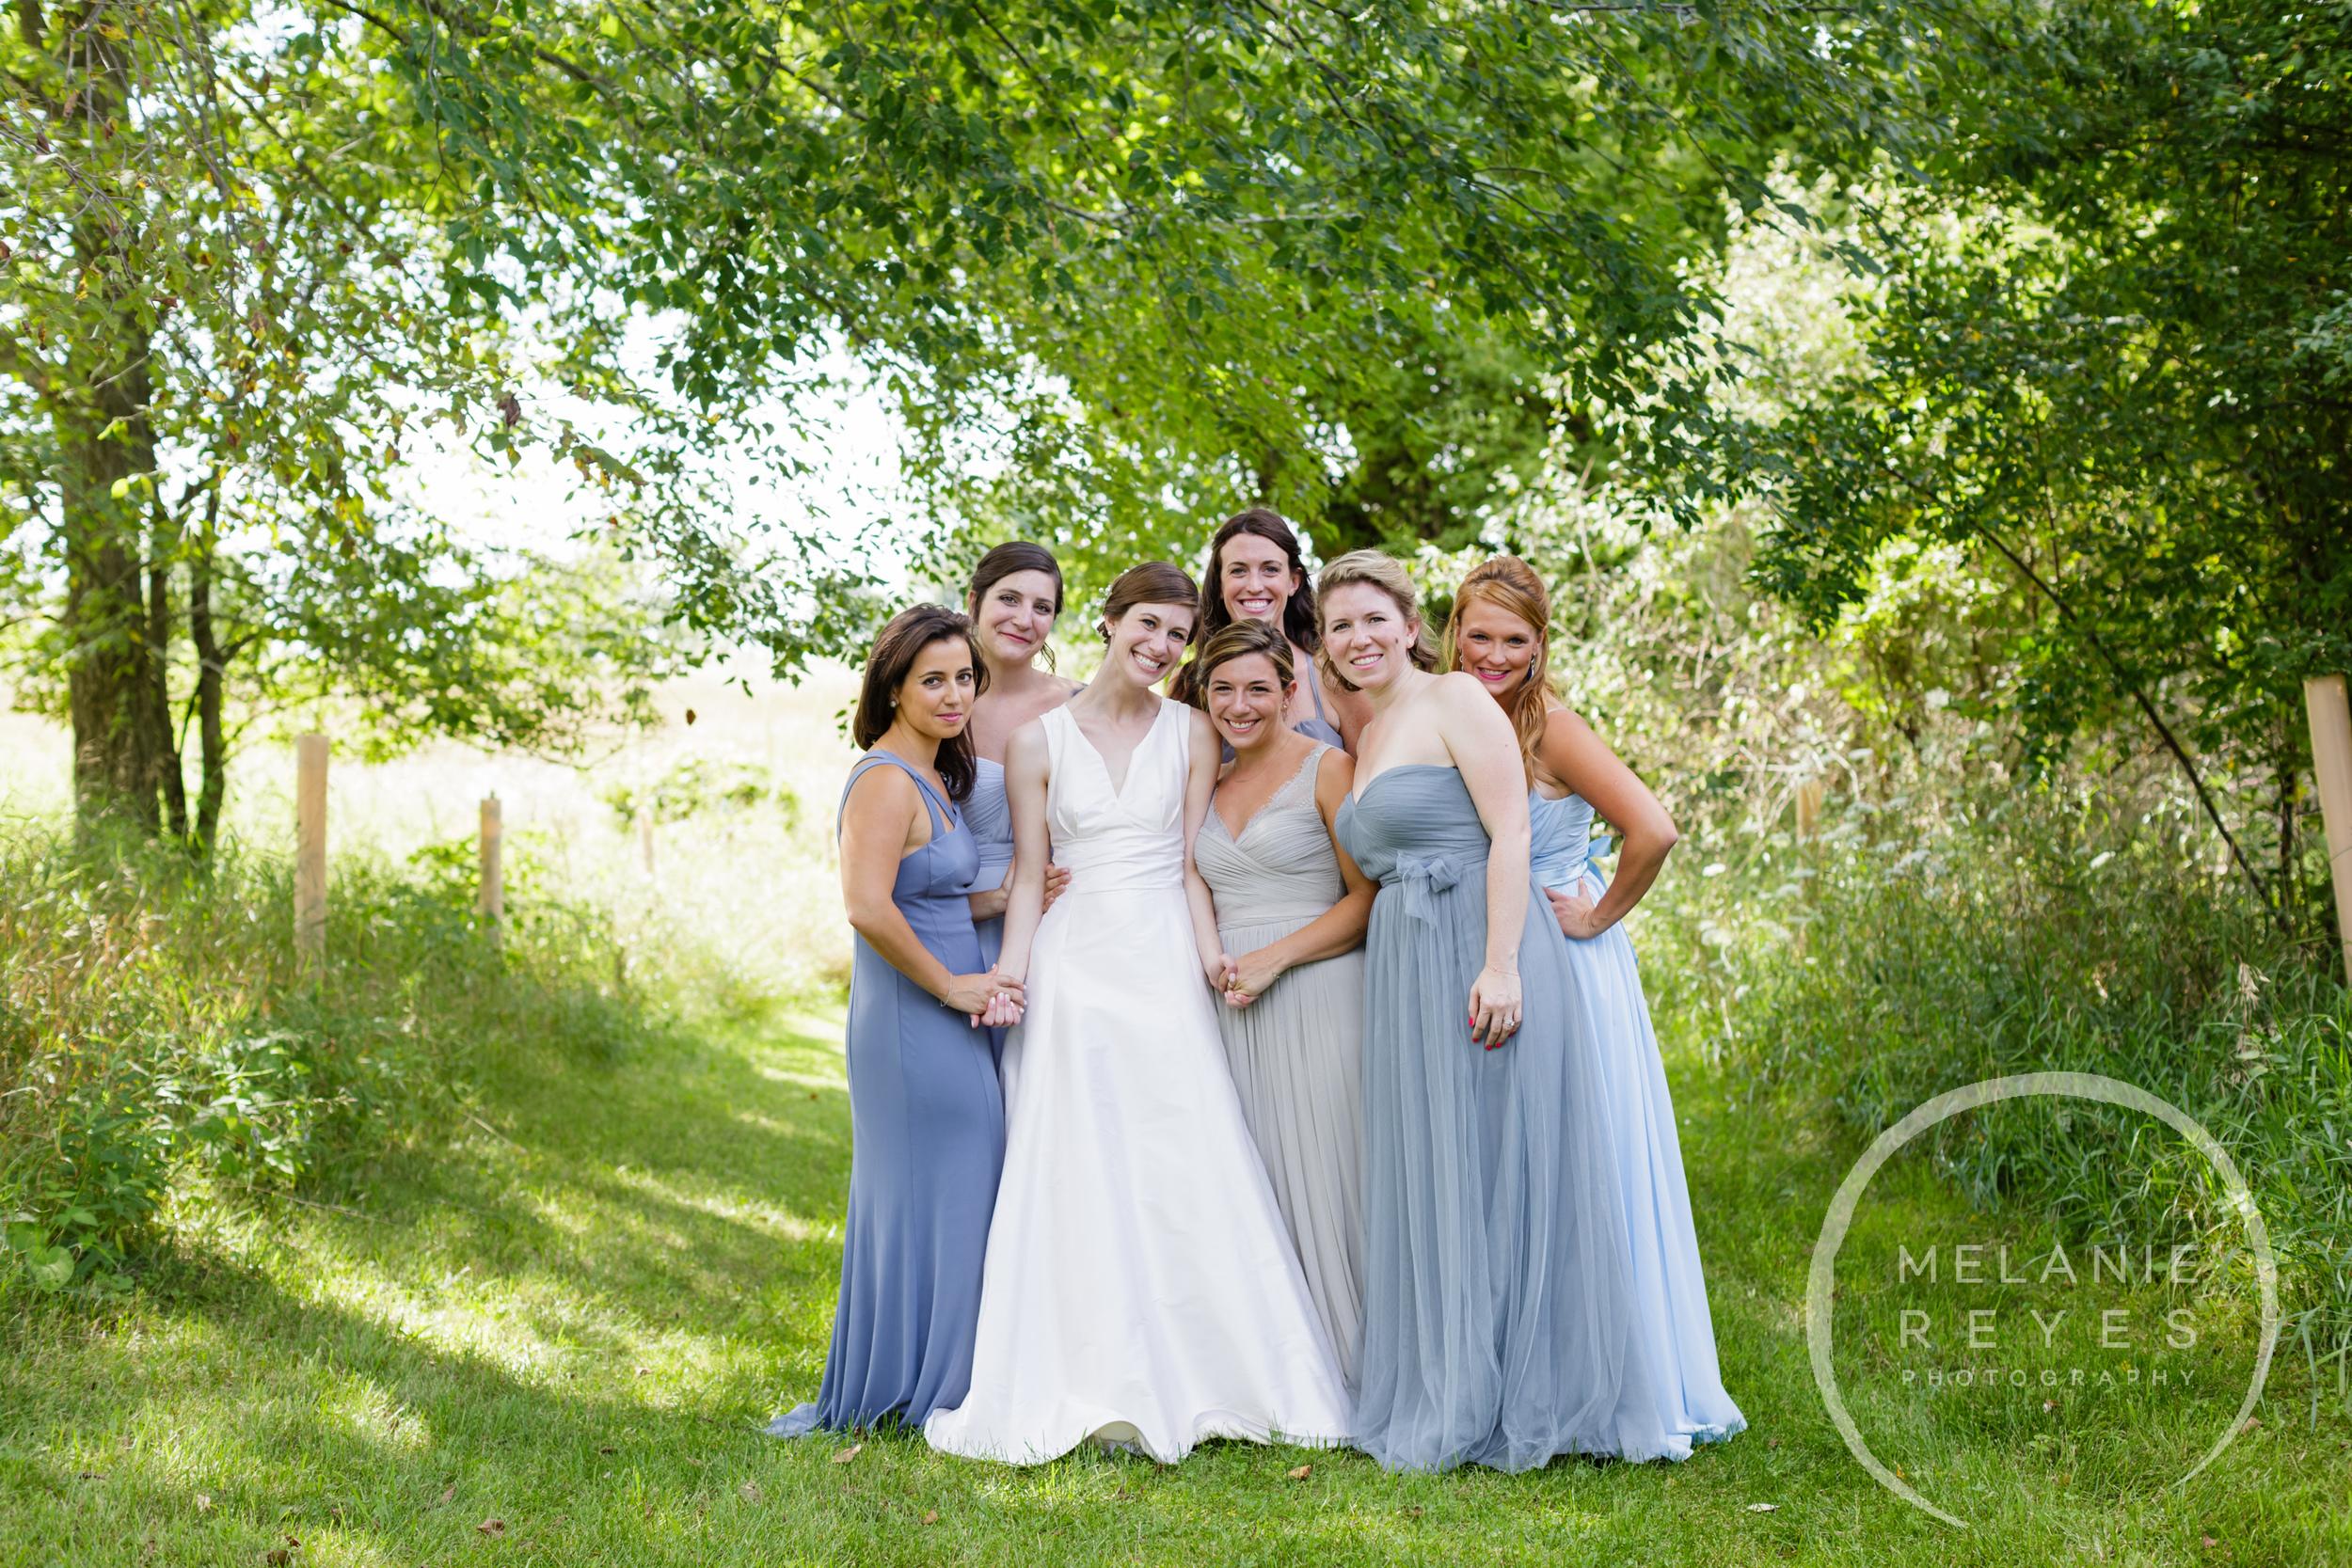 028_farm_wedding_melanie_reyes.JPG